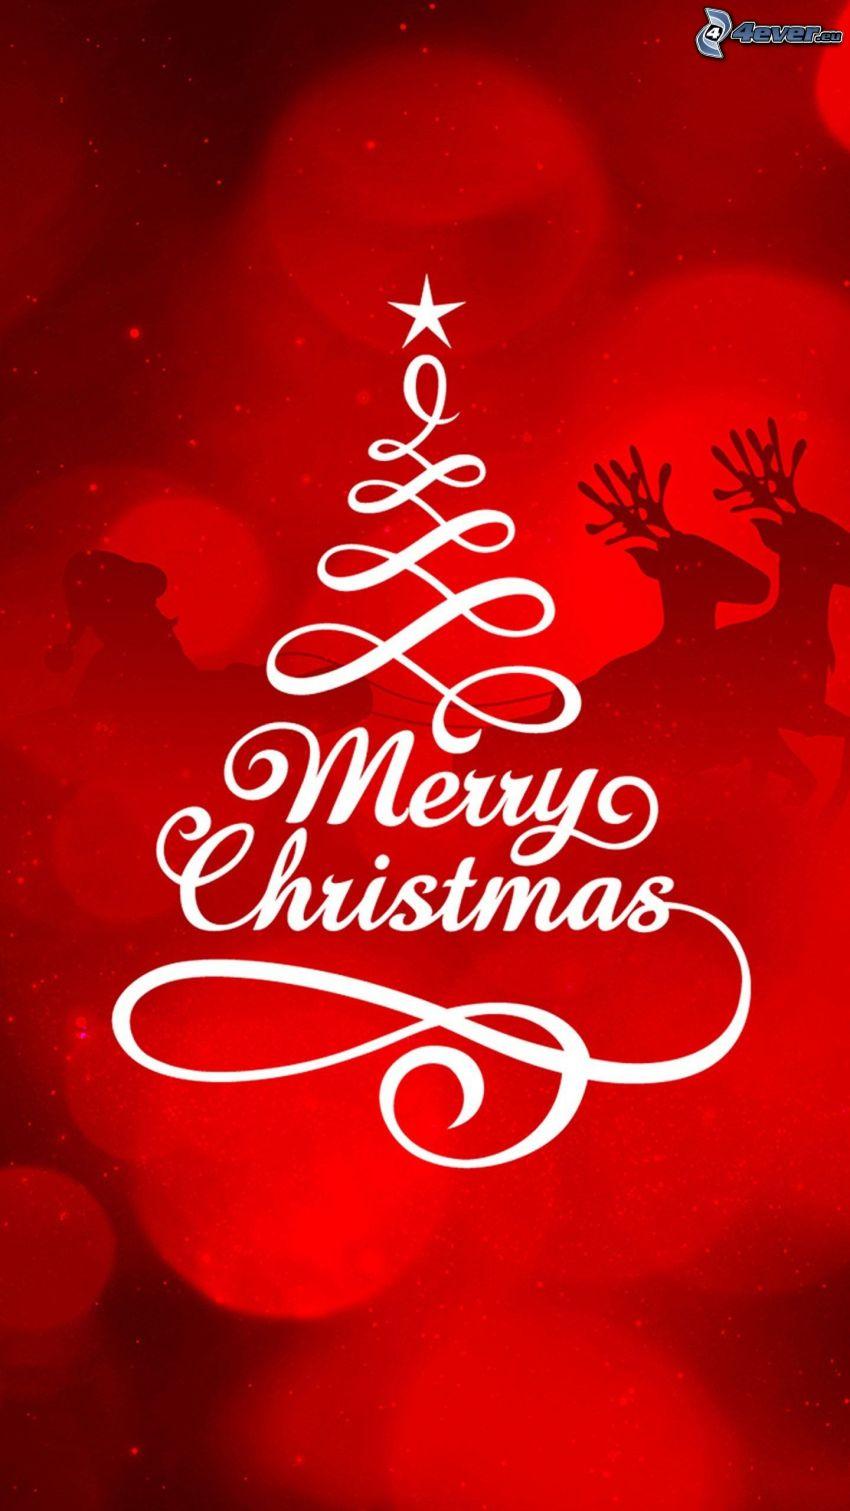 Merry Christmas, renne, slitta, Santa Claus, siluette, albero di Natale, sfondo rosso